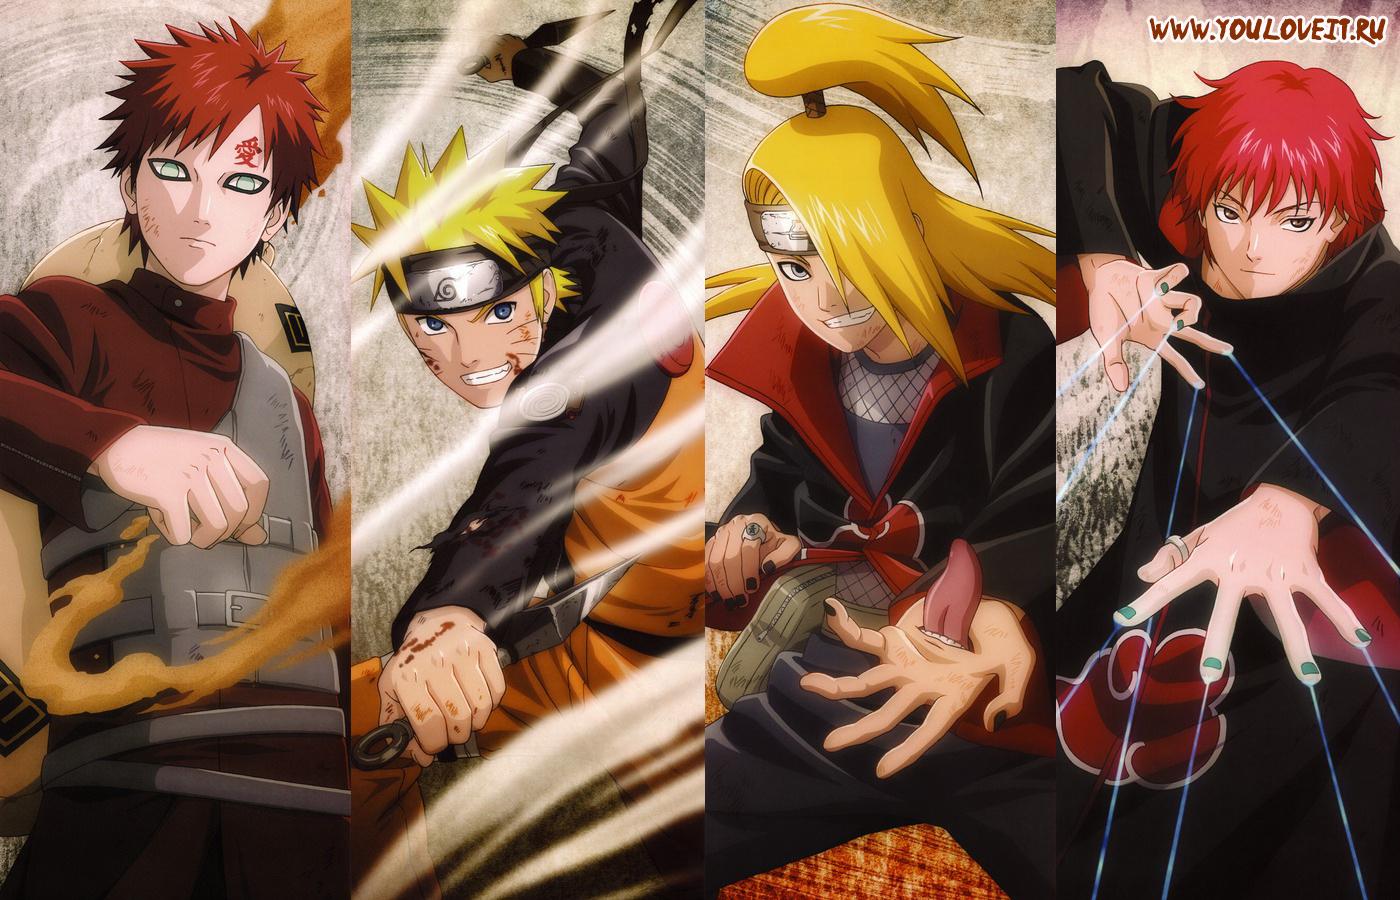 Сакура саске и наруто аниме картинки